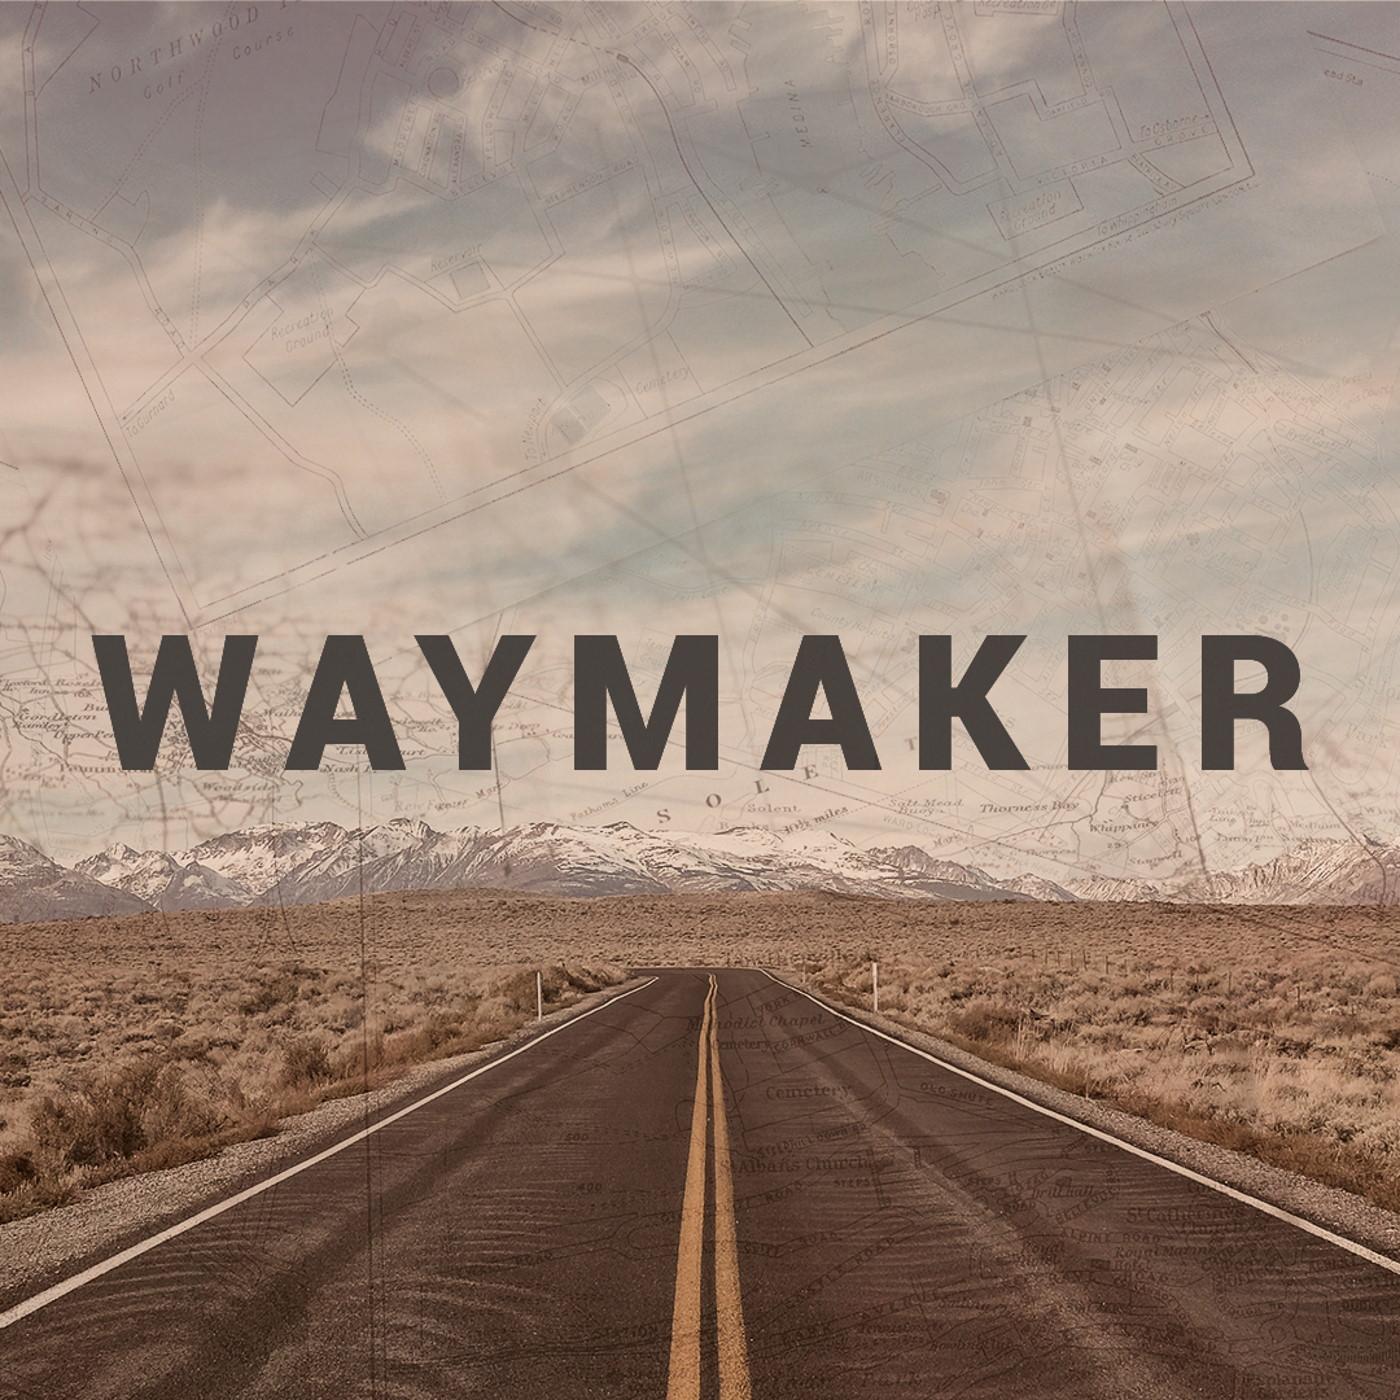 Waymaker - Teil 3 Mit Gott durch die Wüste [video]